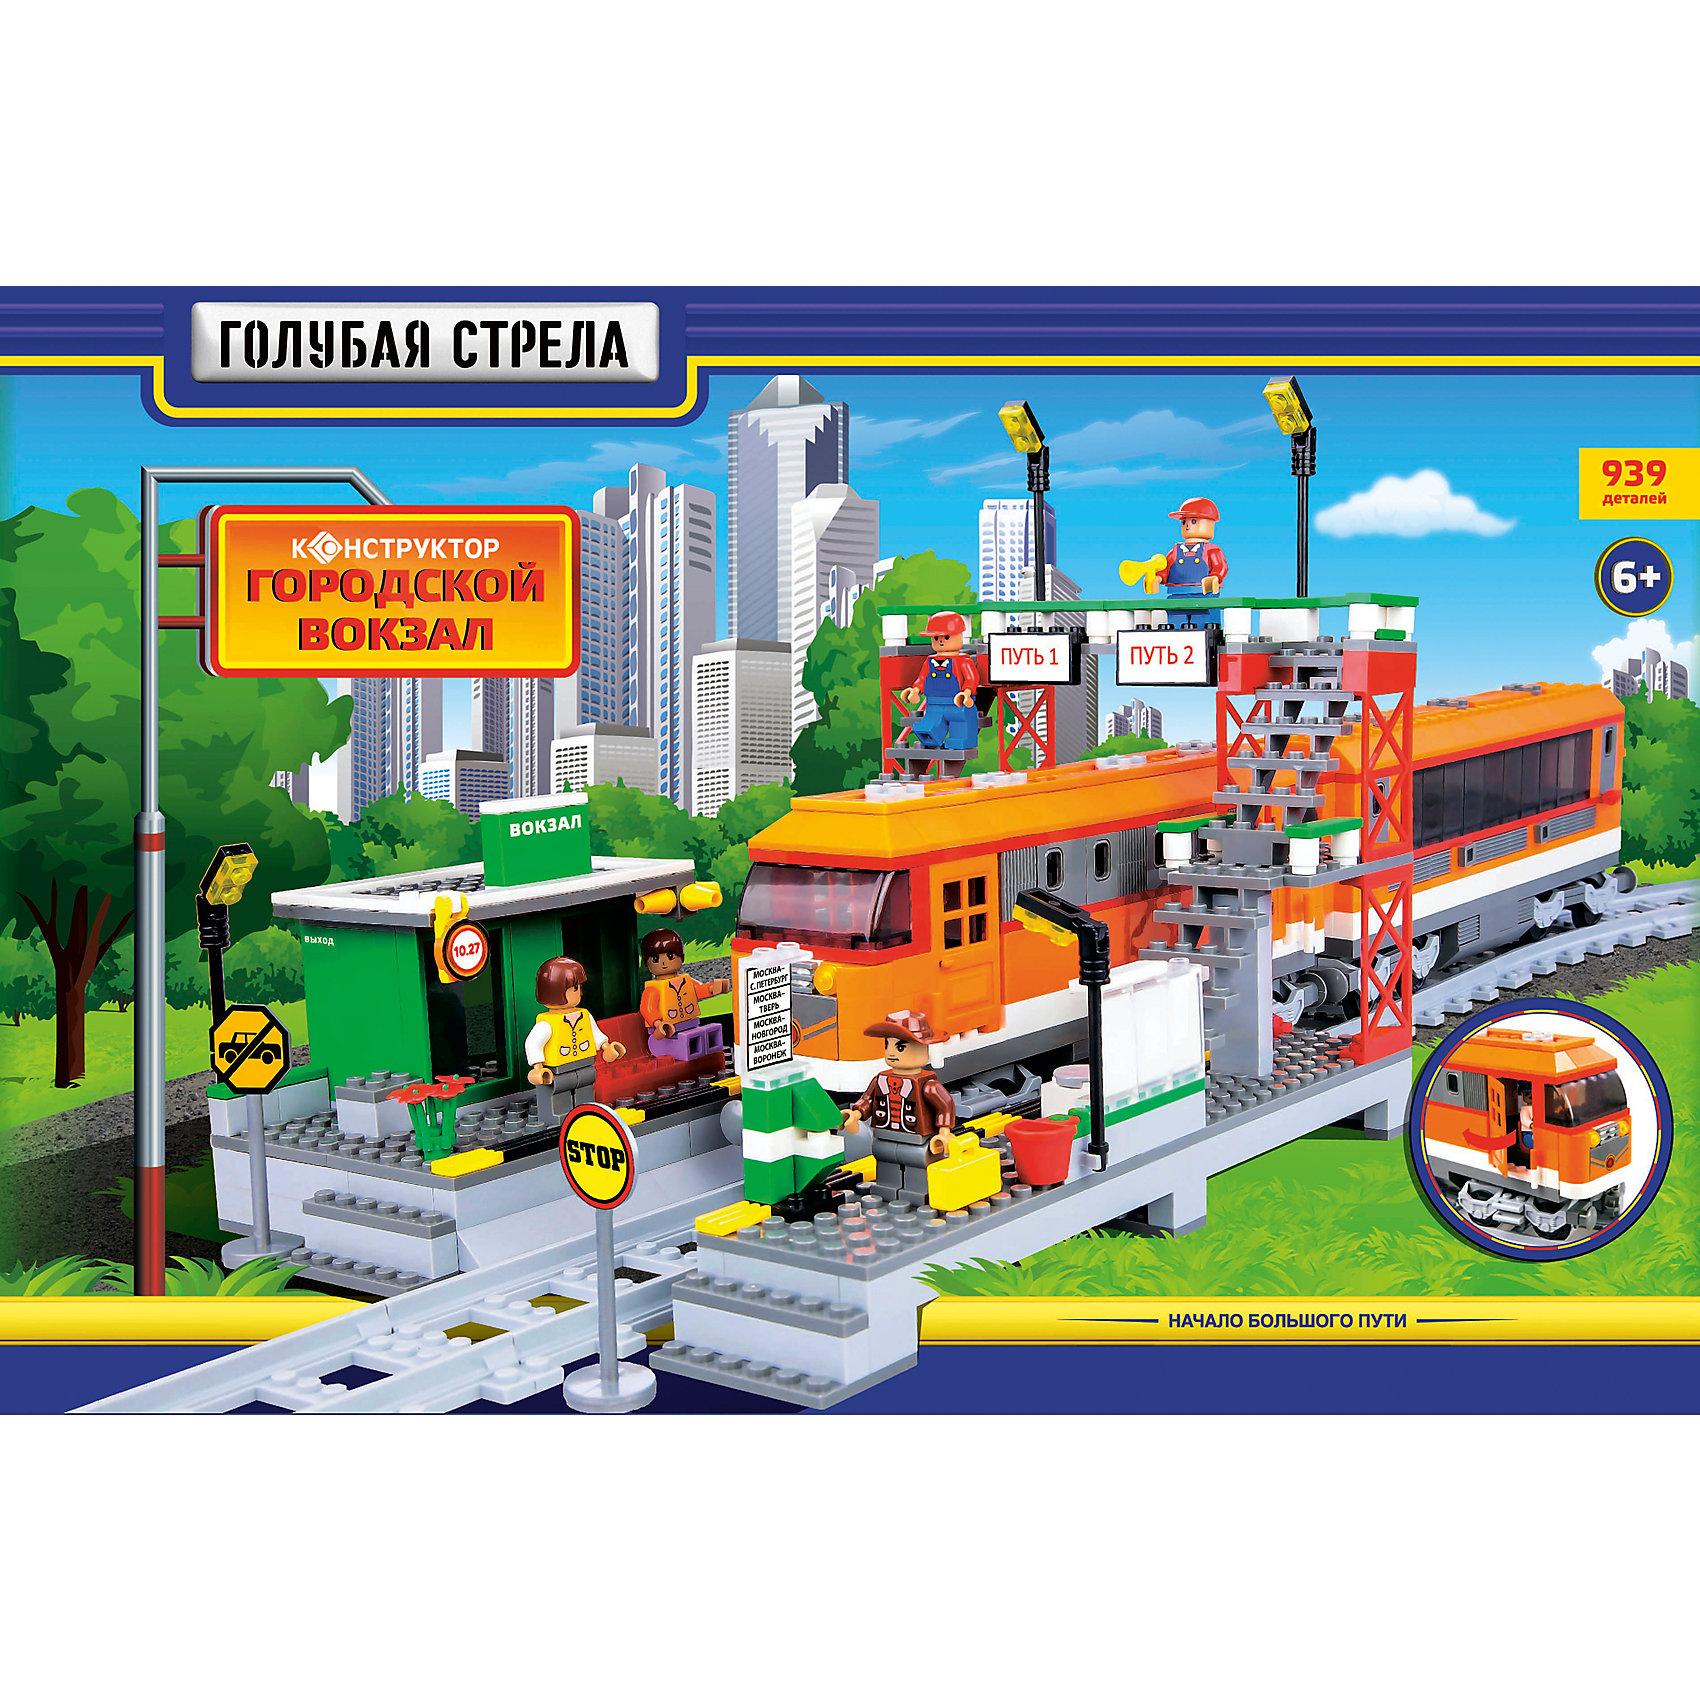 Железная дорога Конструктор Городской вокзал, Голубая стрелаЖелезная дорога Конструктор Городской вокзал, Голубая стрела.<br><br>Характеристики:<br><br>• Комплектация: прямые рельсы - 4 шт., изогнутые рельсы- 16 шт., фигурки людей, строения, железнодорожные знаки, элементы для сборки<br>• Количество деталей: 939<br>• Размер железной дороги: 700х960 мм.<br>• Материал: пластик<br>• Упаковка: картонная коробка<br>• Размер упаковки: 65х9х44 см.<br><br>«Городской вокзал» - это блочный конструктор, в котором 939 деталей! Из деталей конструктора ваш ребенок соберет железнодорожное полотно и скорый поезд (локомотив и вагон). Вагон и локомотив легко сцепляются друг с другом. У локомотива открываются дверка, что позволит посадить внутрь одну из фигурок, идущих в наборе. <br><br>Фигурки сделаны в виде пассажиров и рабочих. Также для полноценной сюжетной игры в комплекте имеются станция с платформой и мостом, железнодорожные знаки. Собирая детали конструктора, ребенок разовьет воображение, мелкую моторику рук, пространственное и логическое мышление. Все наборы серии совместимы между собой.<br><br>Железную дорогу Конструктор Городской вокзал, Голубая стрела можно купить в нашем интернет-магазине.<br><br>Ширина мм: 645<br>Глубина мм: 435<br>Высота мм: 90<br>Вес г: 2947<br>Возраст от месяцев: 72<br>Возраст до месяцев: 2147483647<br>Пол: Мужской<br>Возраст: Детский<br>SKU: 5400248